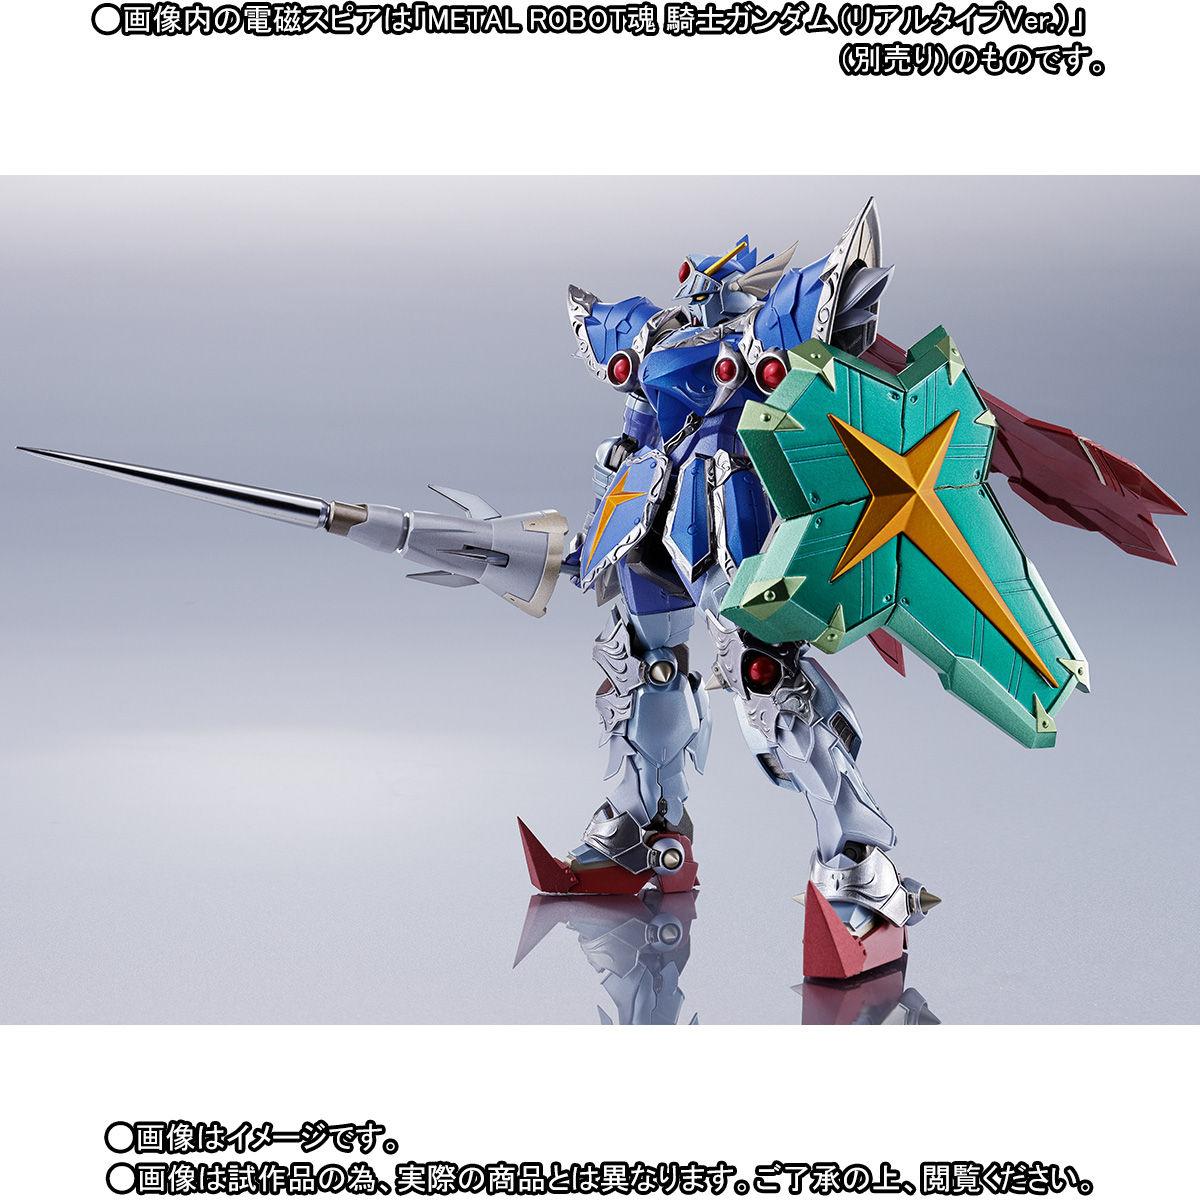 METAL ROBOT魂 〈SIDE MS〉『フルアーマー騎士ガンダム(リアルタイプver.)|SDガンダム外伝』可動フィギュア-005